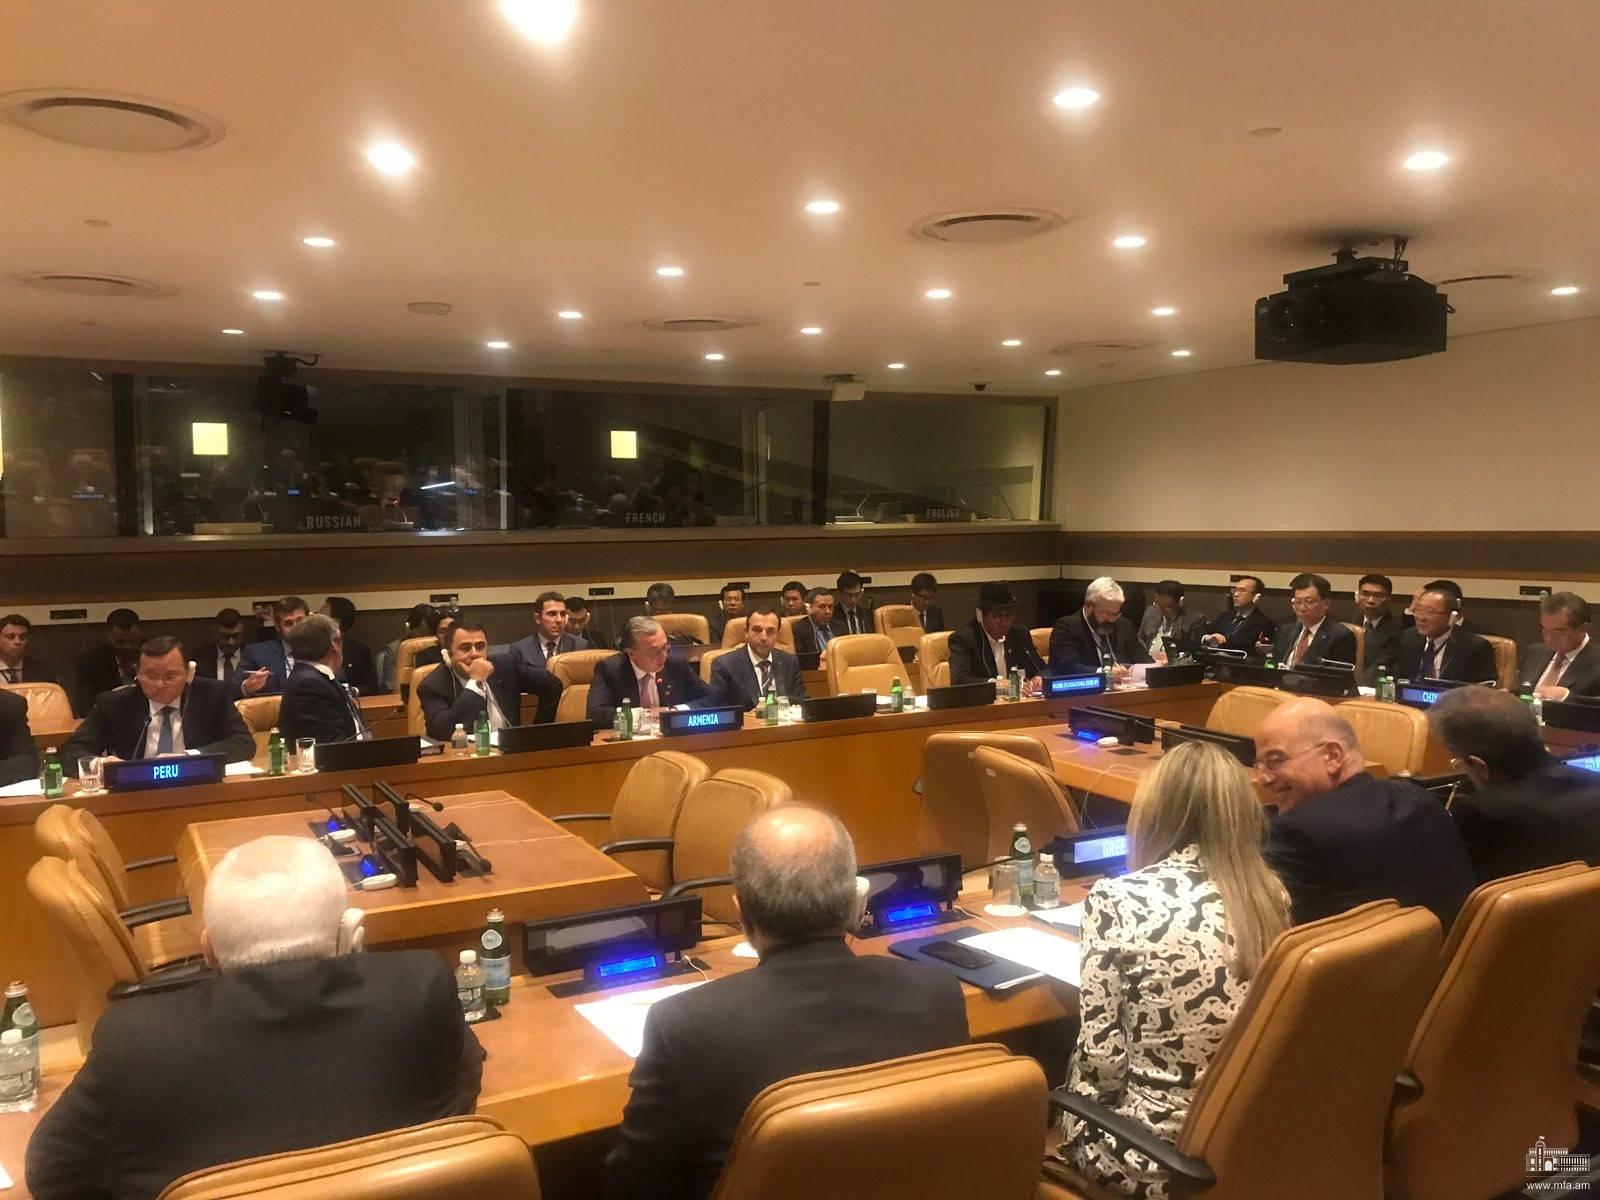 Զոհրաբ Մնացականյանը մասնակցեց ՄԱԿ Գլխավոր ասամբլեայի 74-րդ նստաշրջանի ընթացքում  «Հնագույն քաղաքակրթությունների ֆորում» ԱԳ նախարարների հանդիպմանը